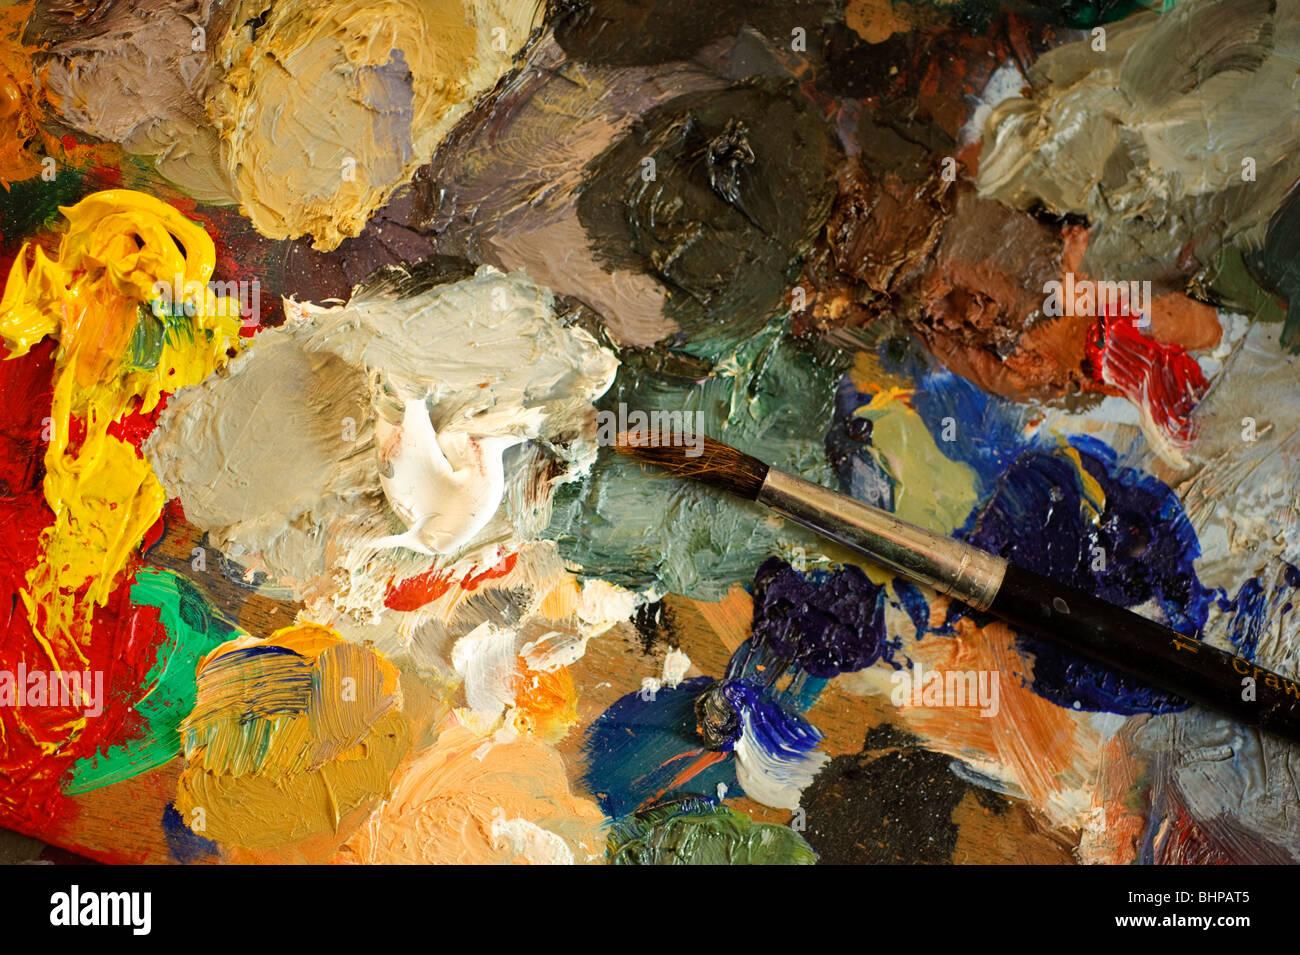 Pinsel und Ölfarben Pigmente auf Palette des Künstlers Stockbild